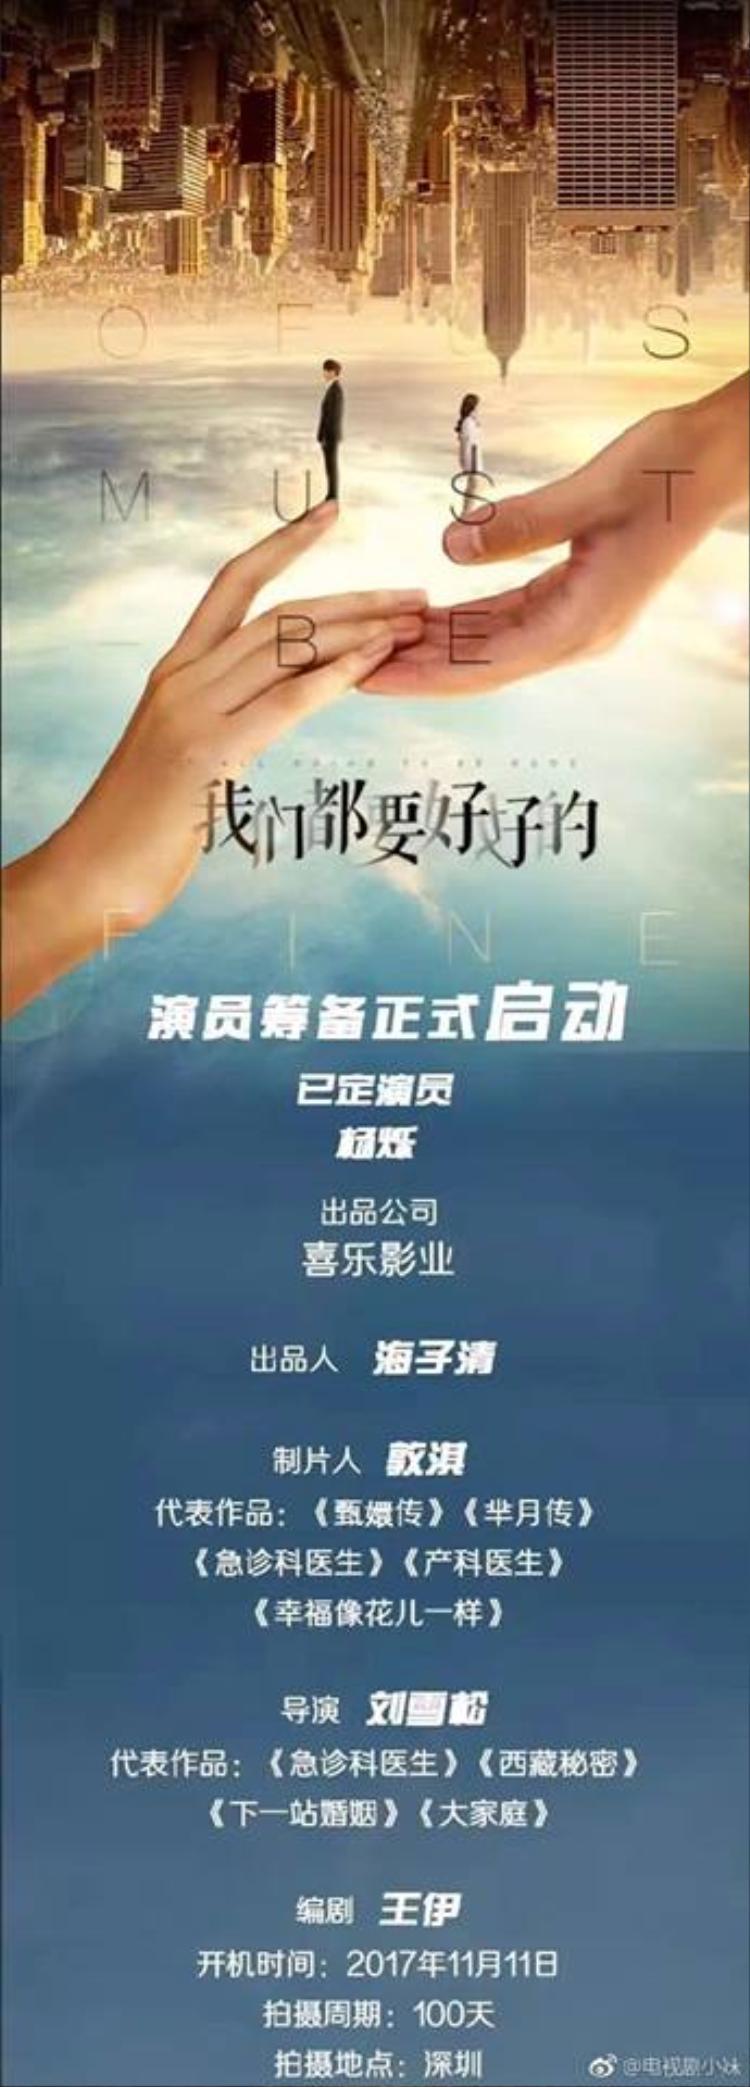 Poster công bố dàn diễn viên và ekip sản xuất bộ phim